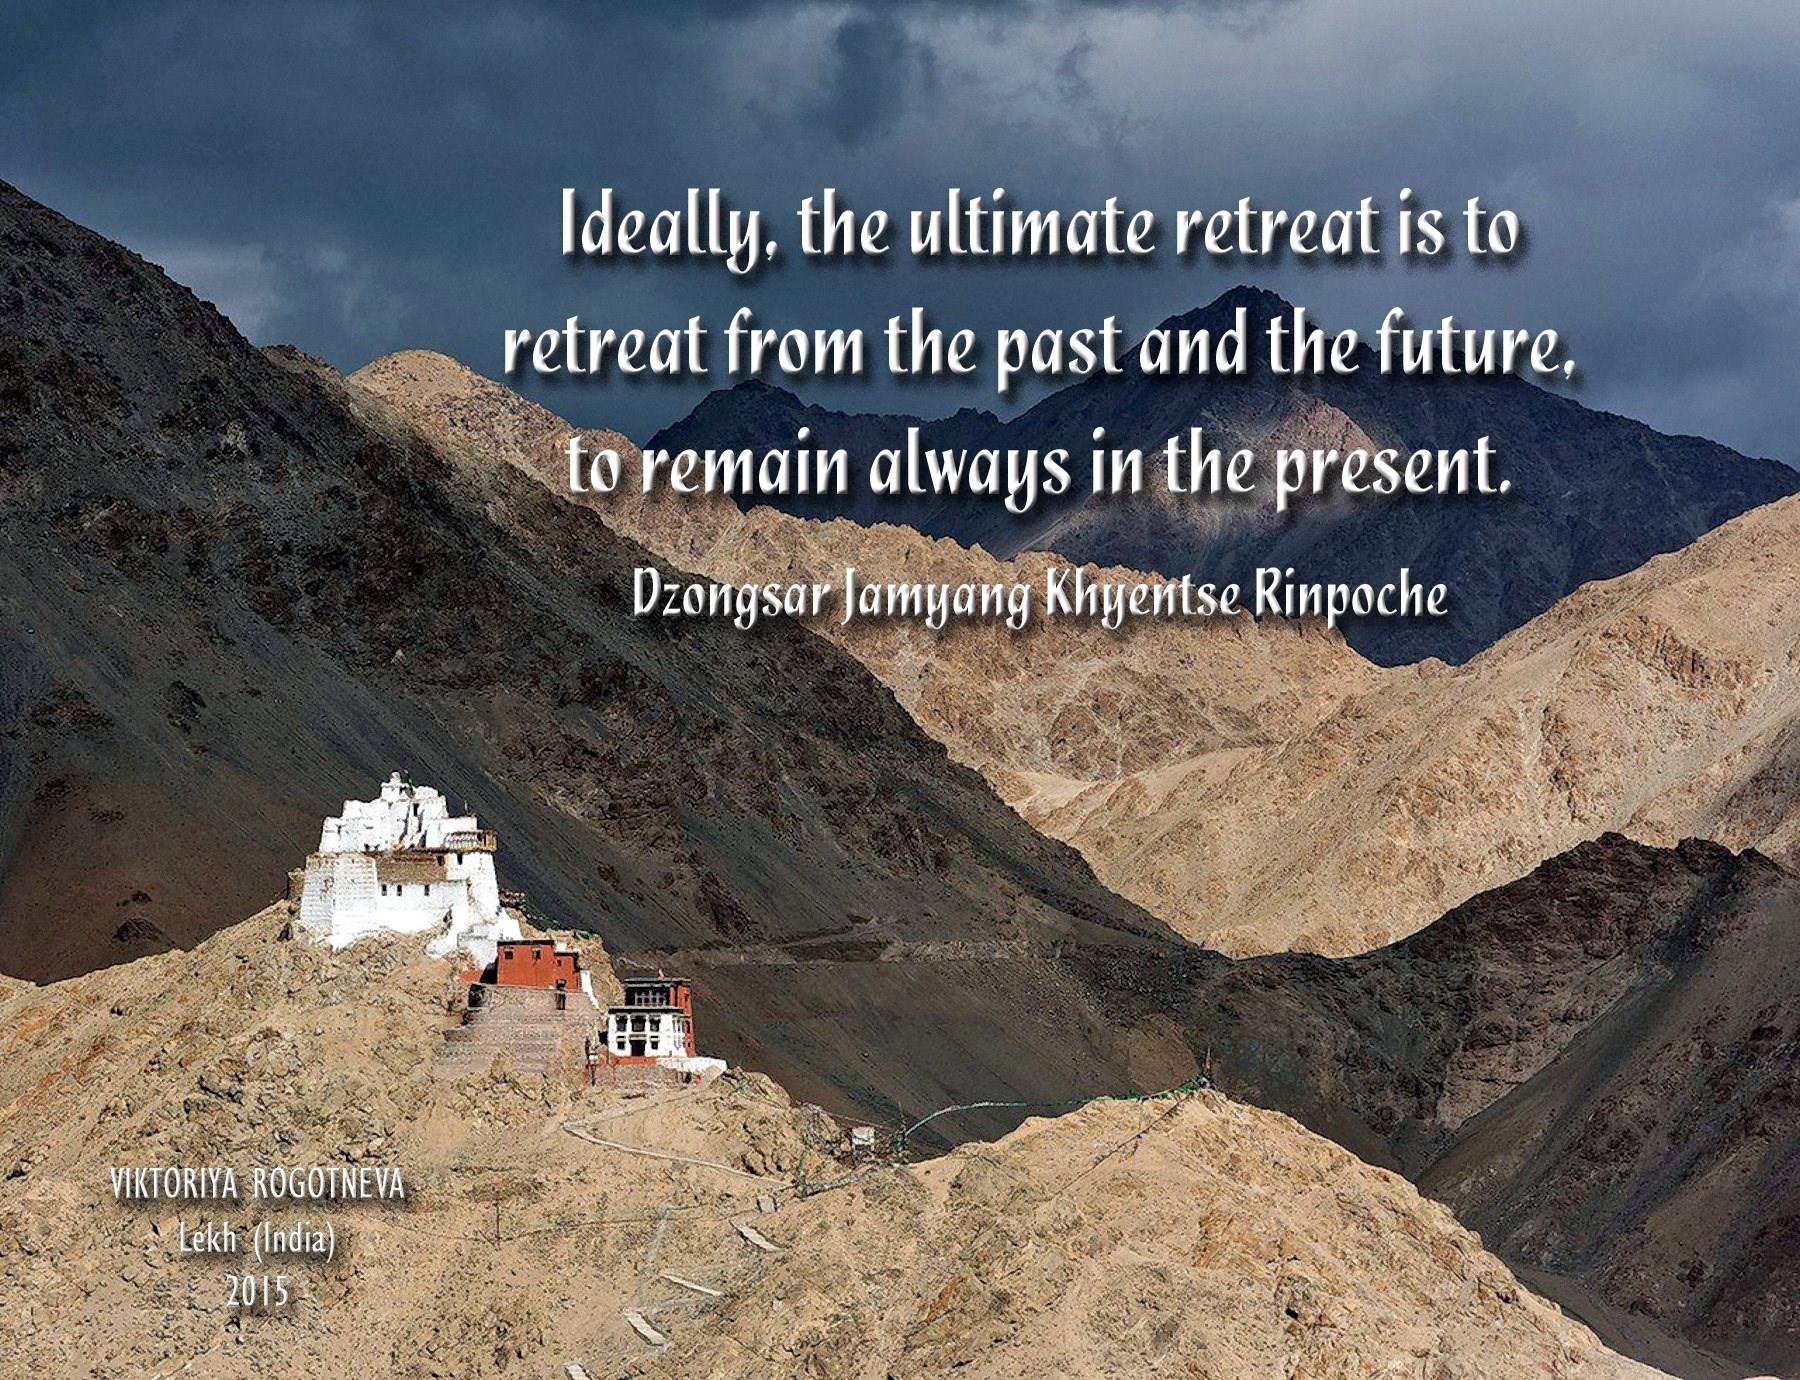 00 Viktoriya Rogotneva. Lekh (India). Buddhist saying. 2015